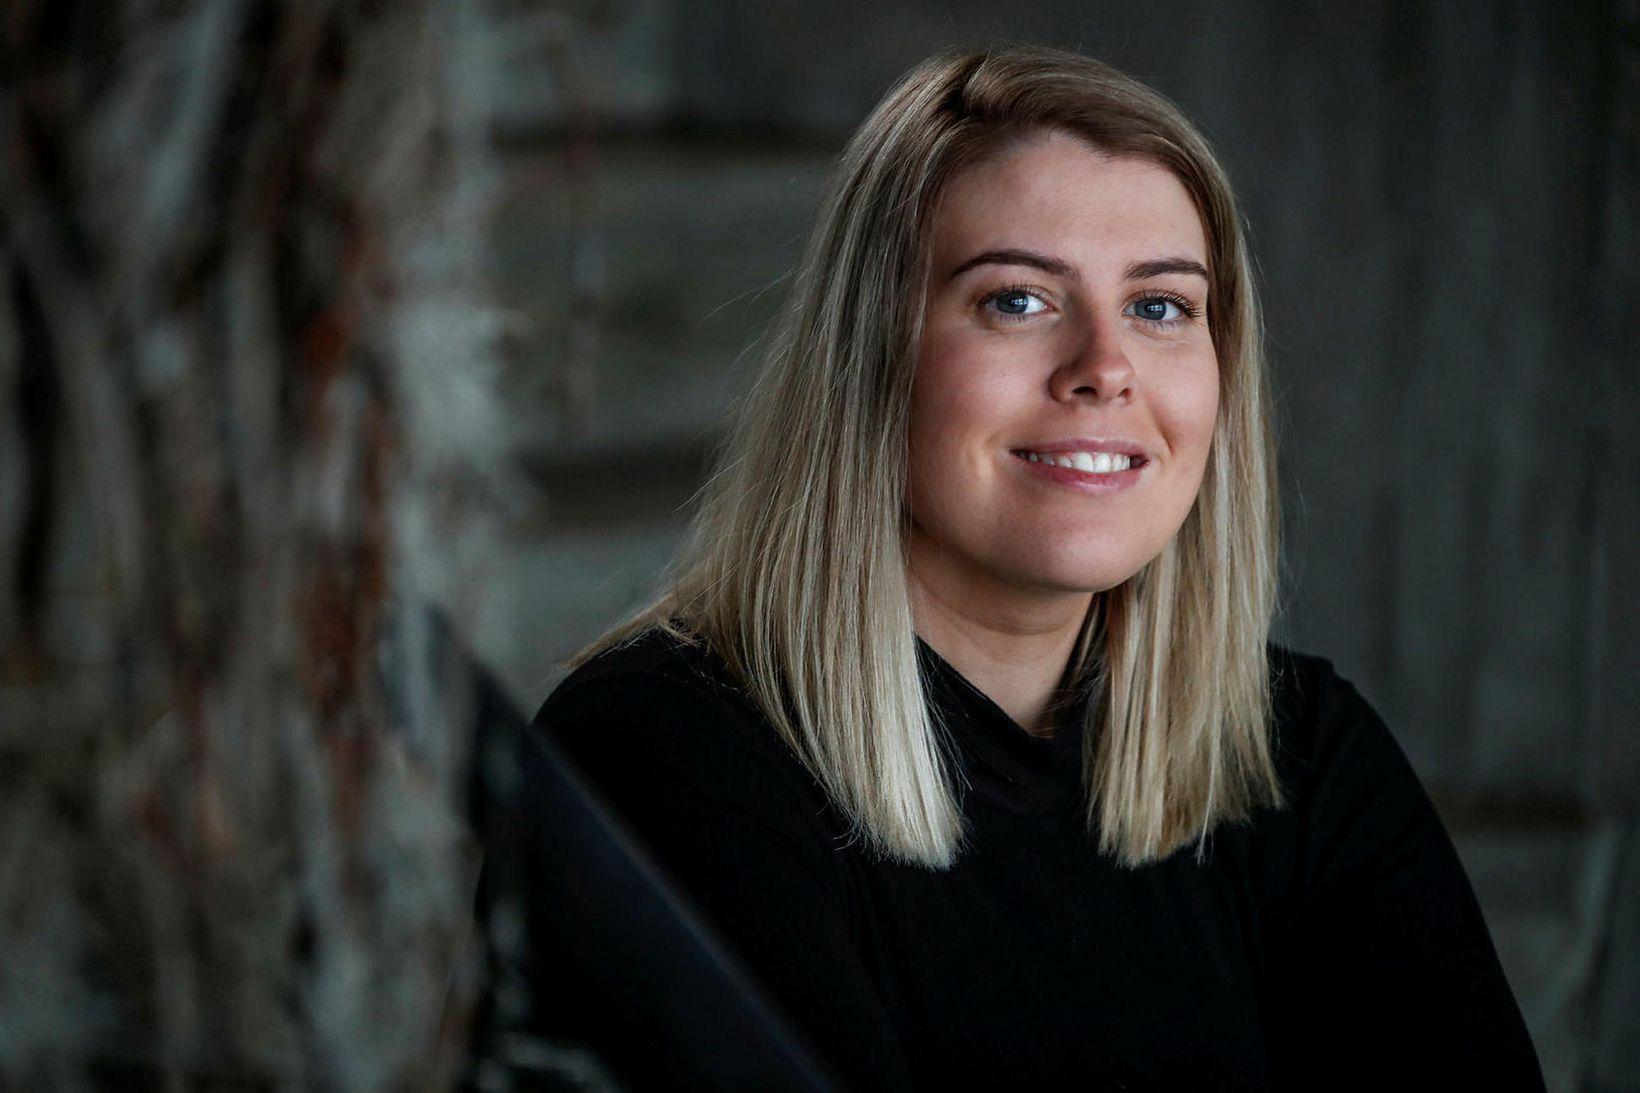 Inga Fanney Rúnarsdóttir og Sigurður Svansson fóru í smásjárfrjóvgun.